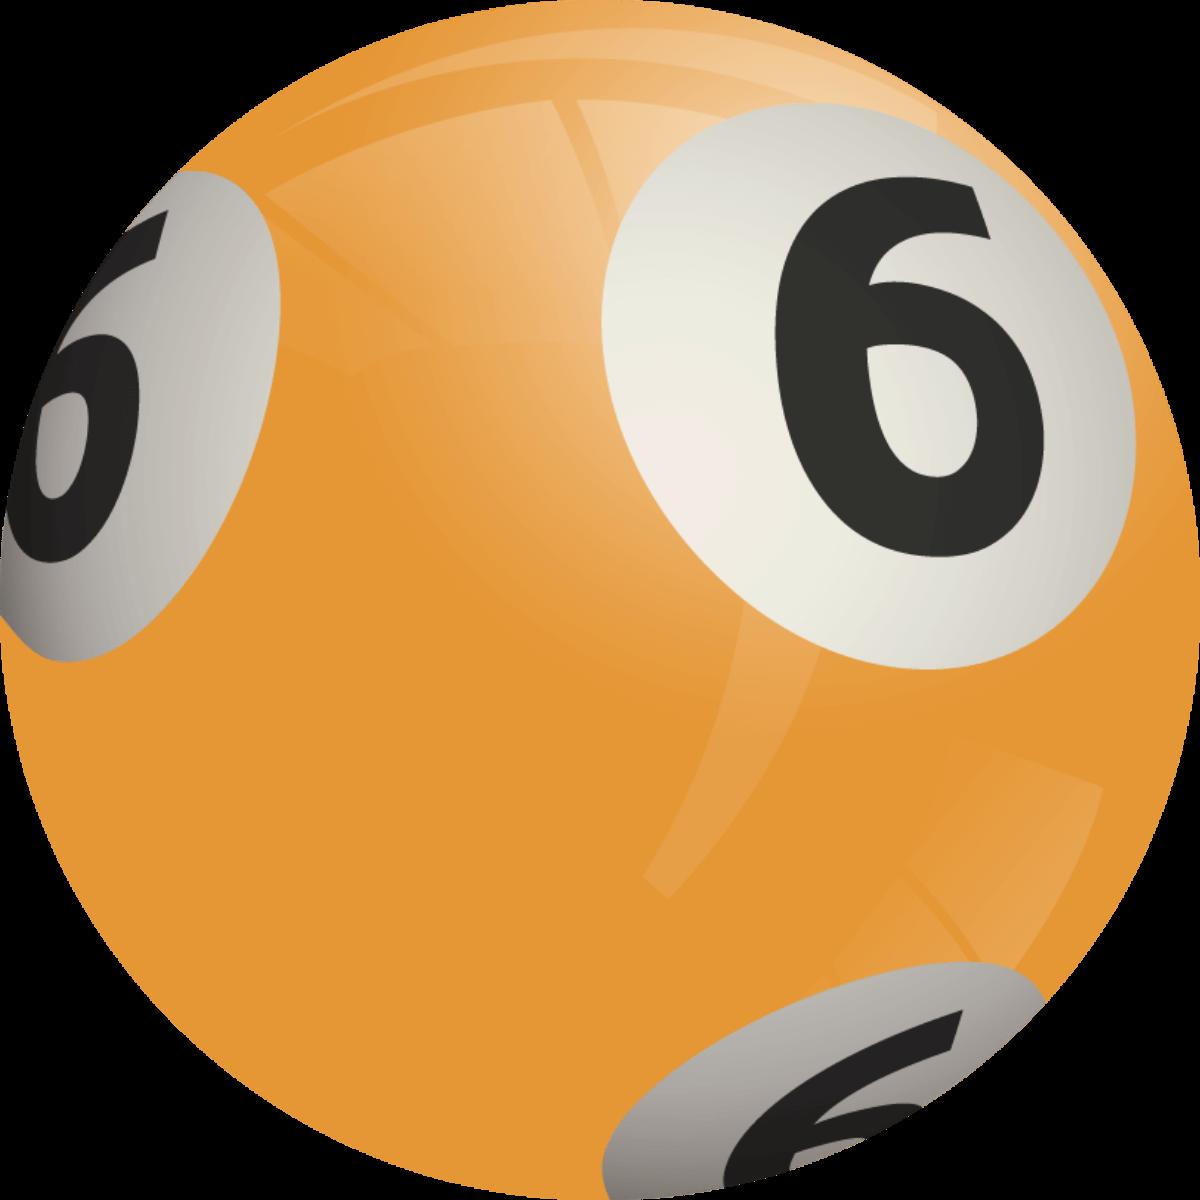 Bingo ball 4